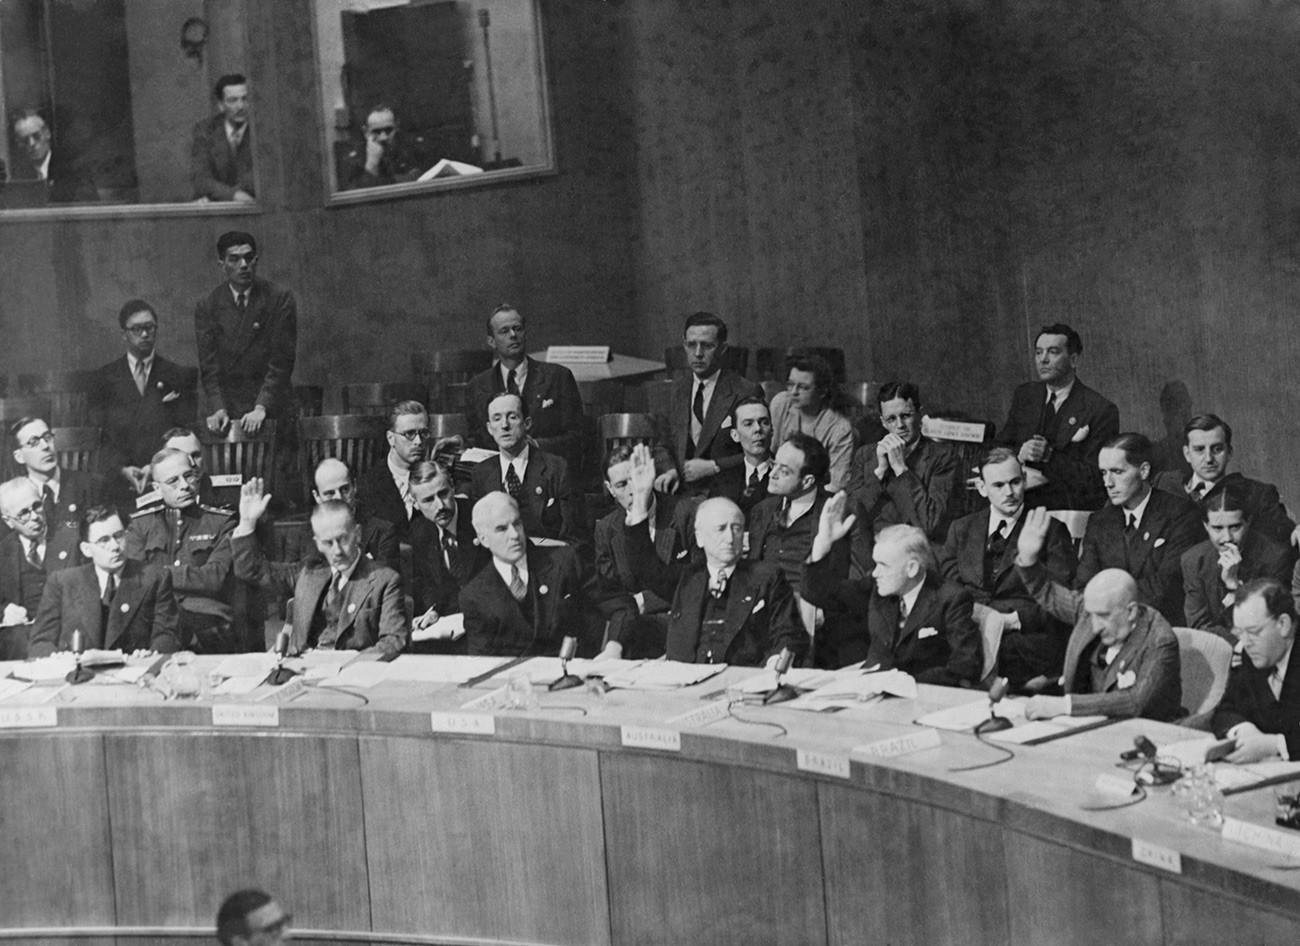 Il Consiglio di Sicurezza delle Nazioni Unite vota a favore di ulteriori discussioni sulla disputa tra Iran e Unione Sovietica sull'Azerbaigian